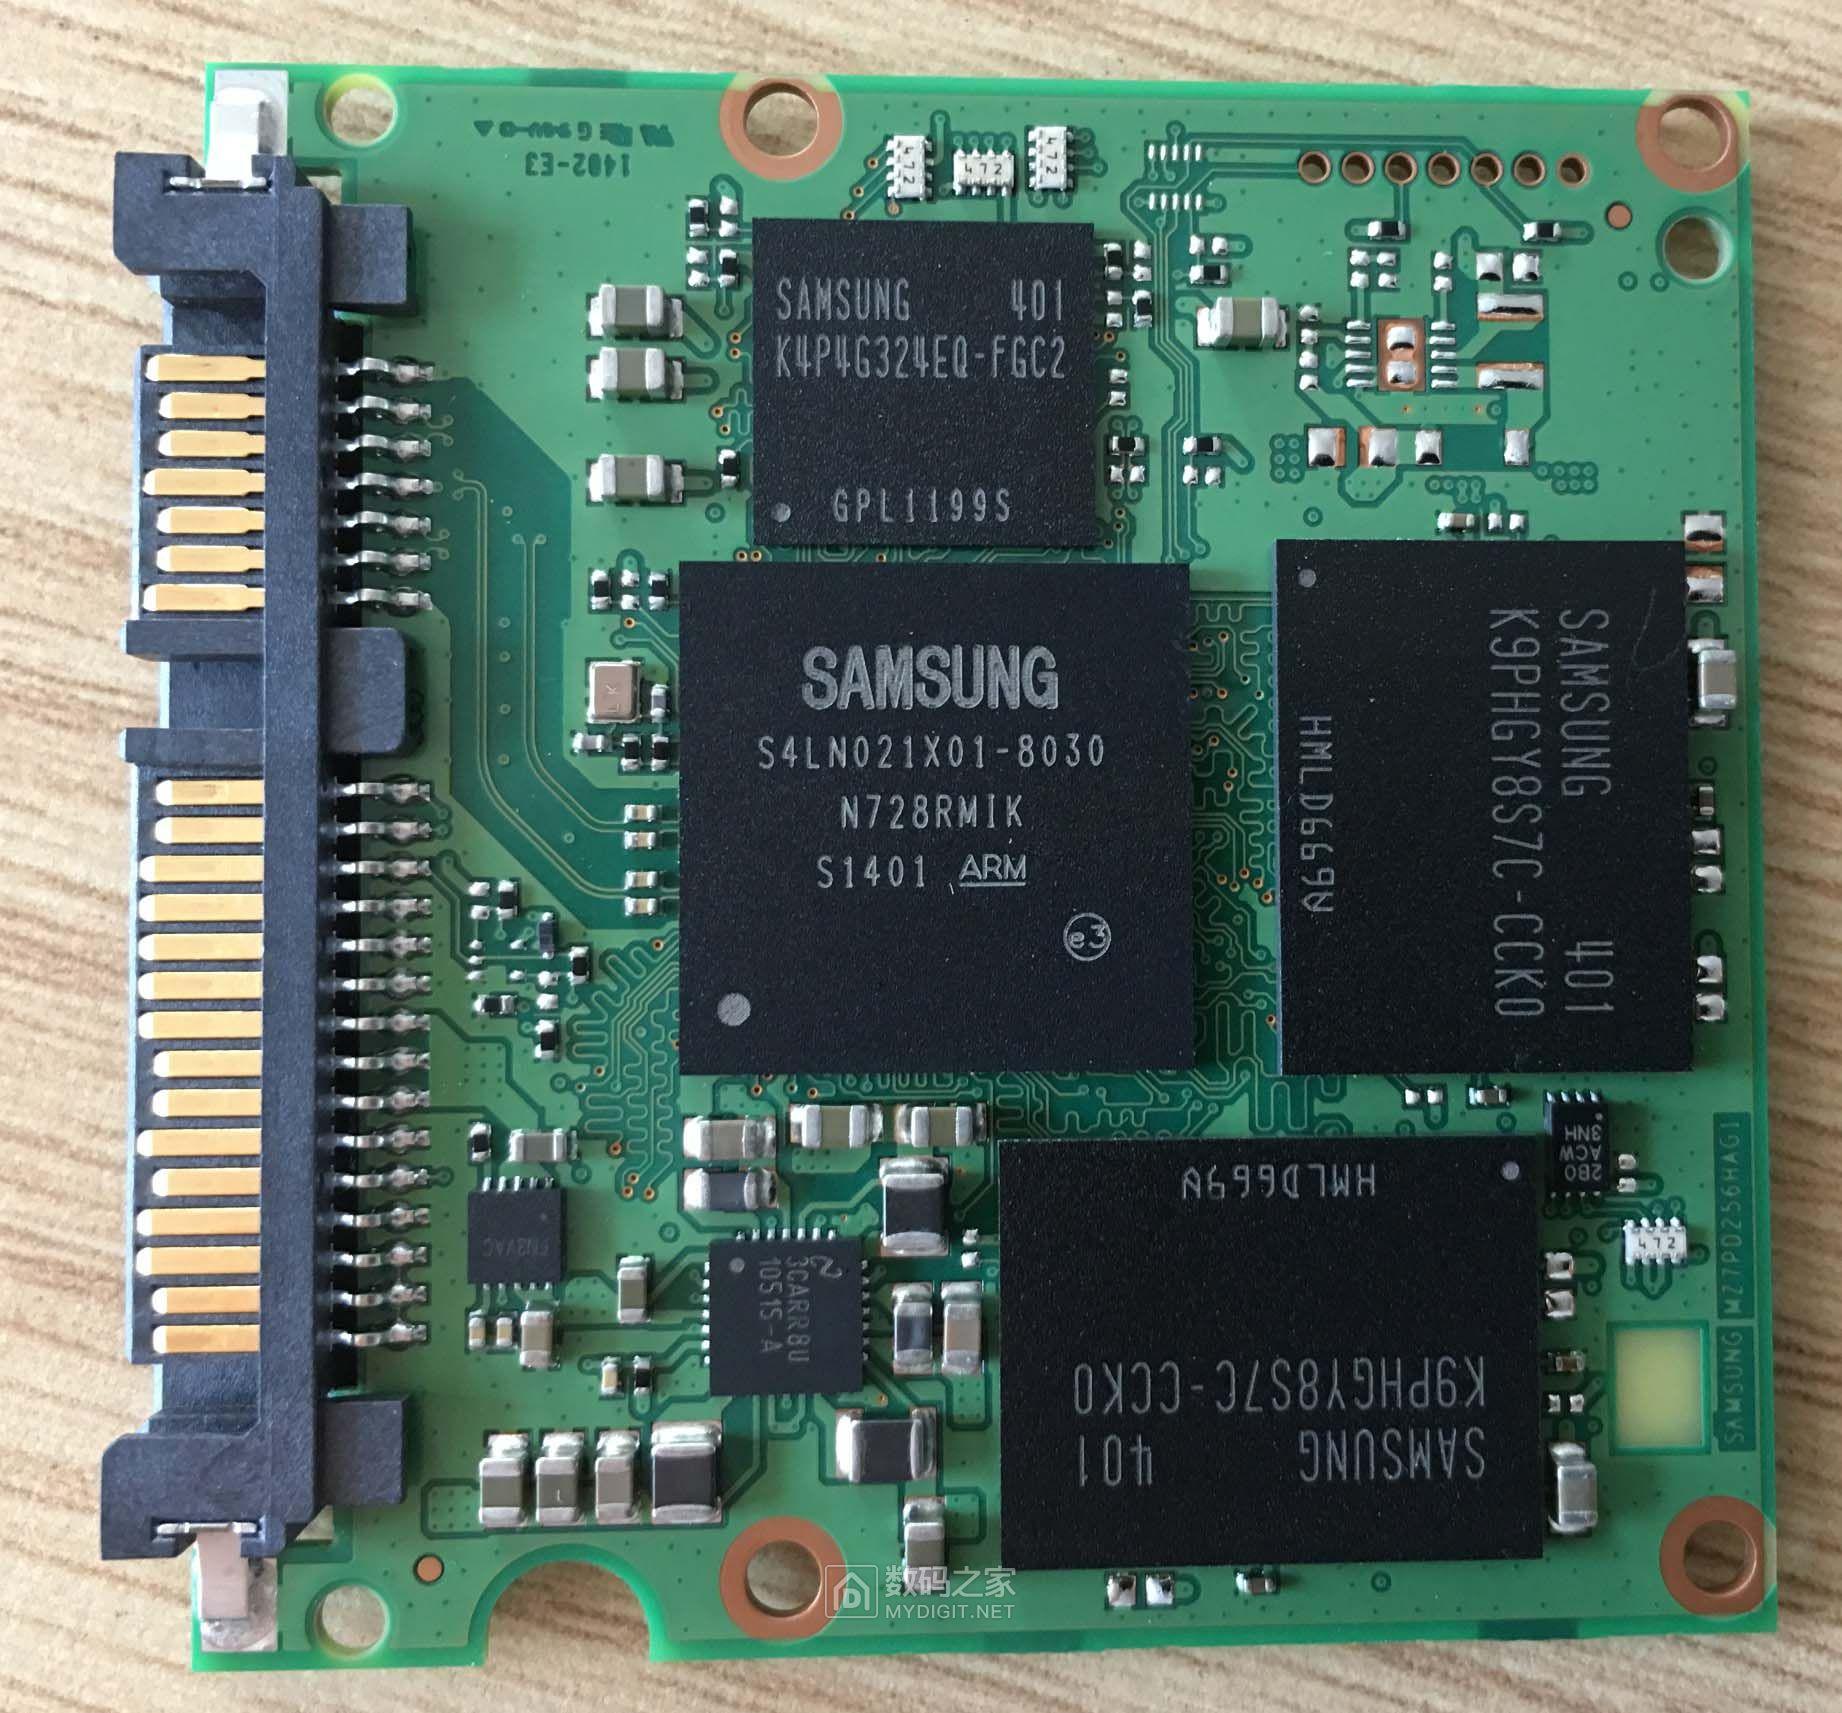 请教sm841n硬盘的芯片及颗粒。